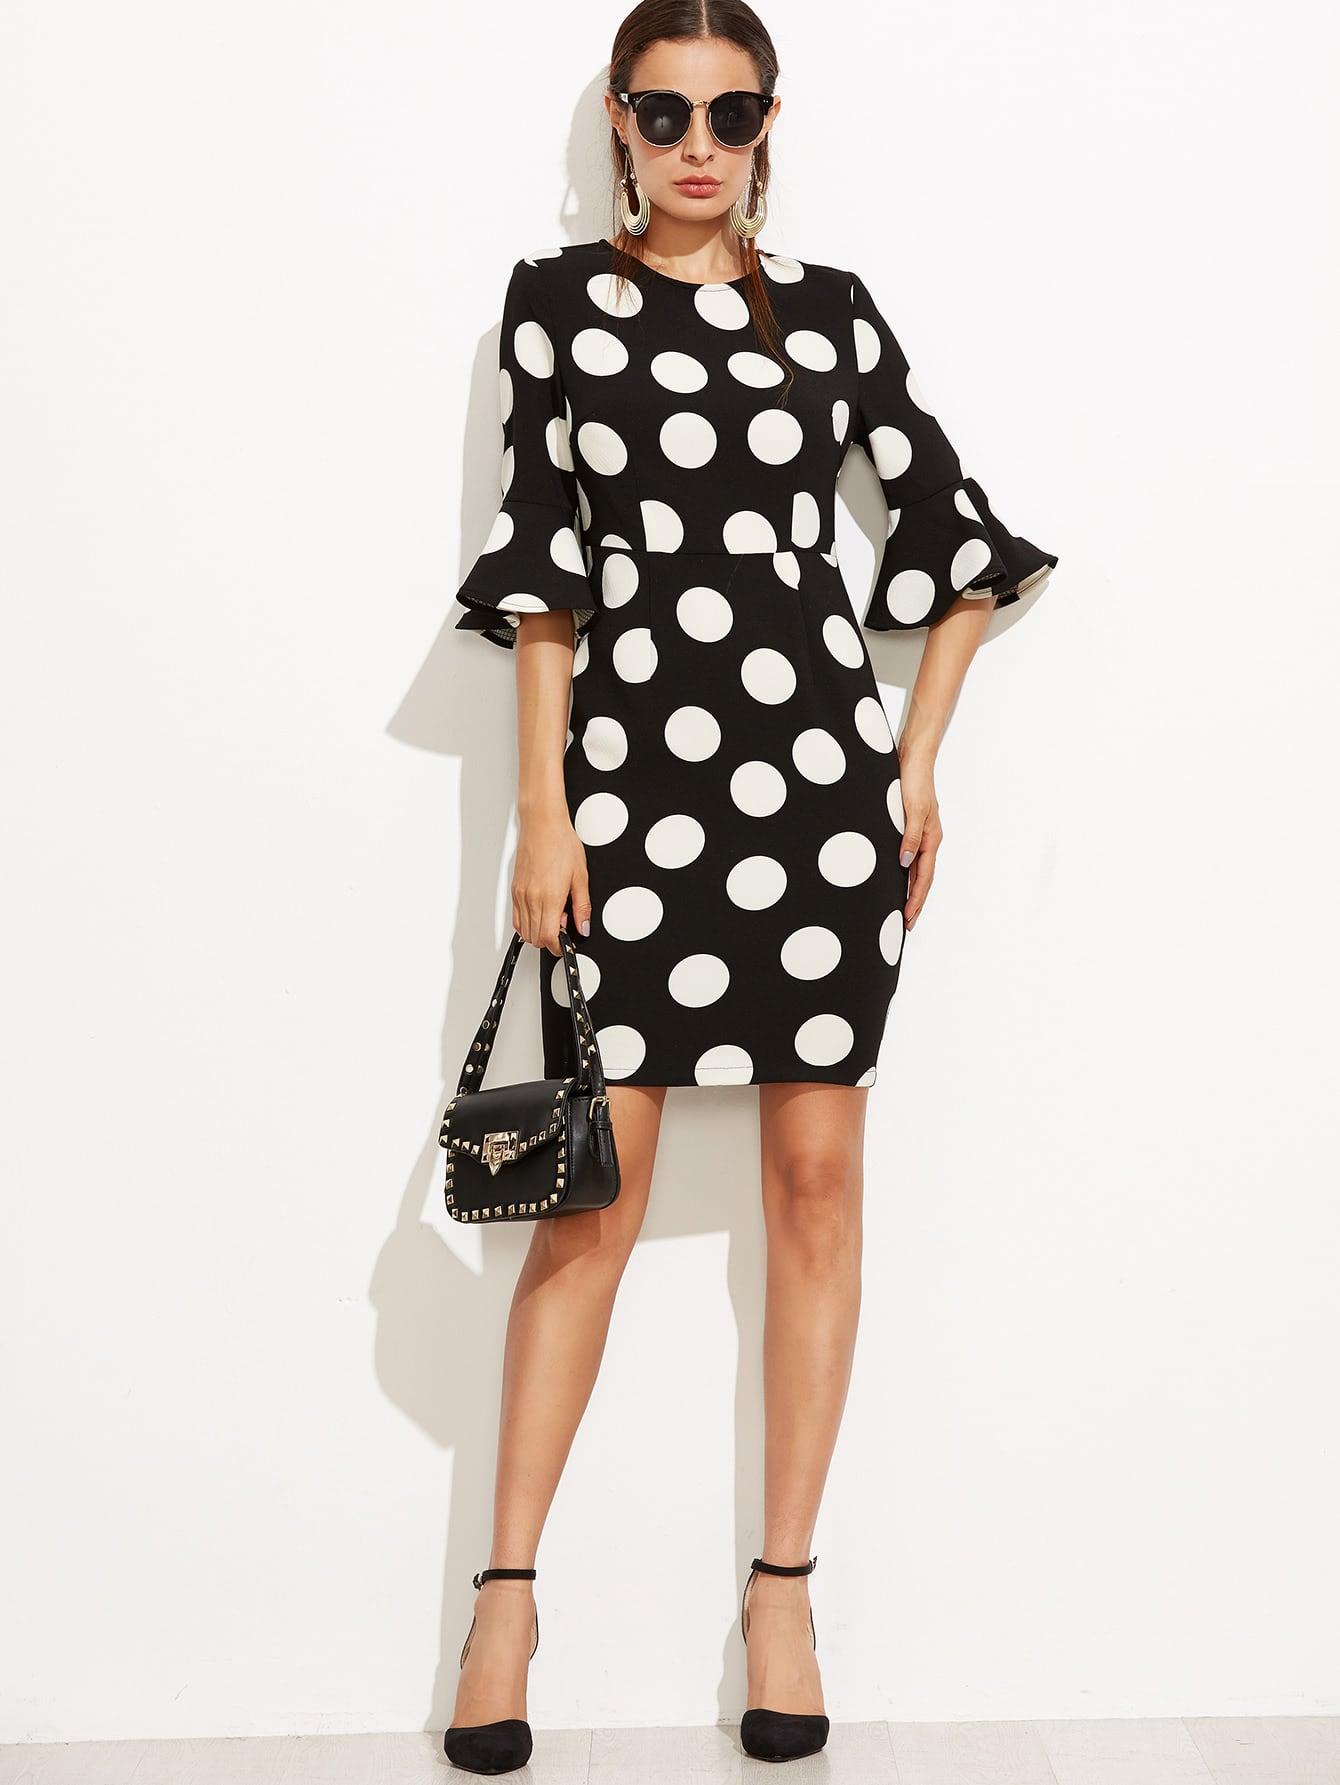 dress160920703_2